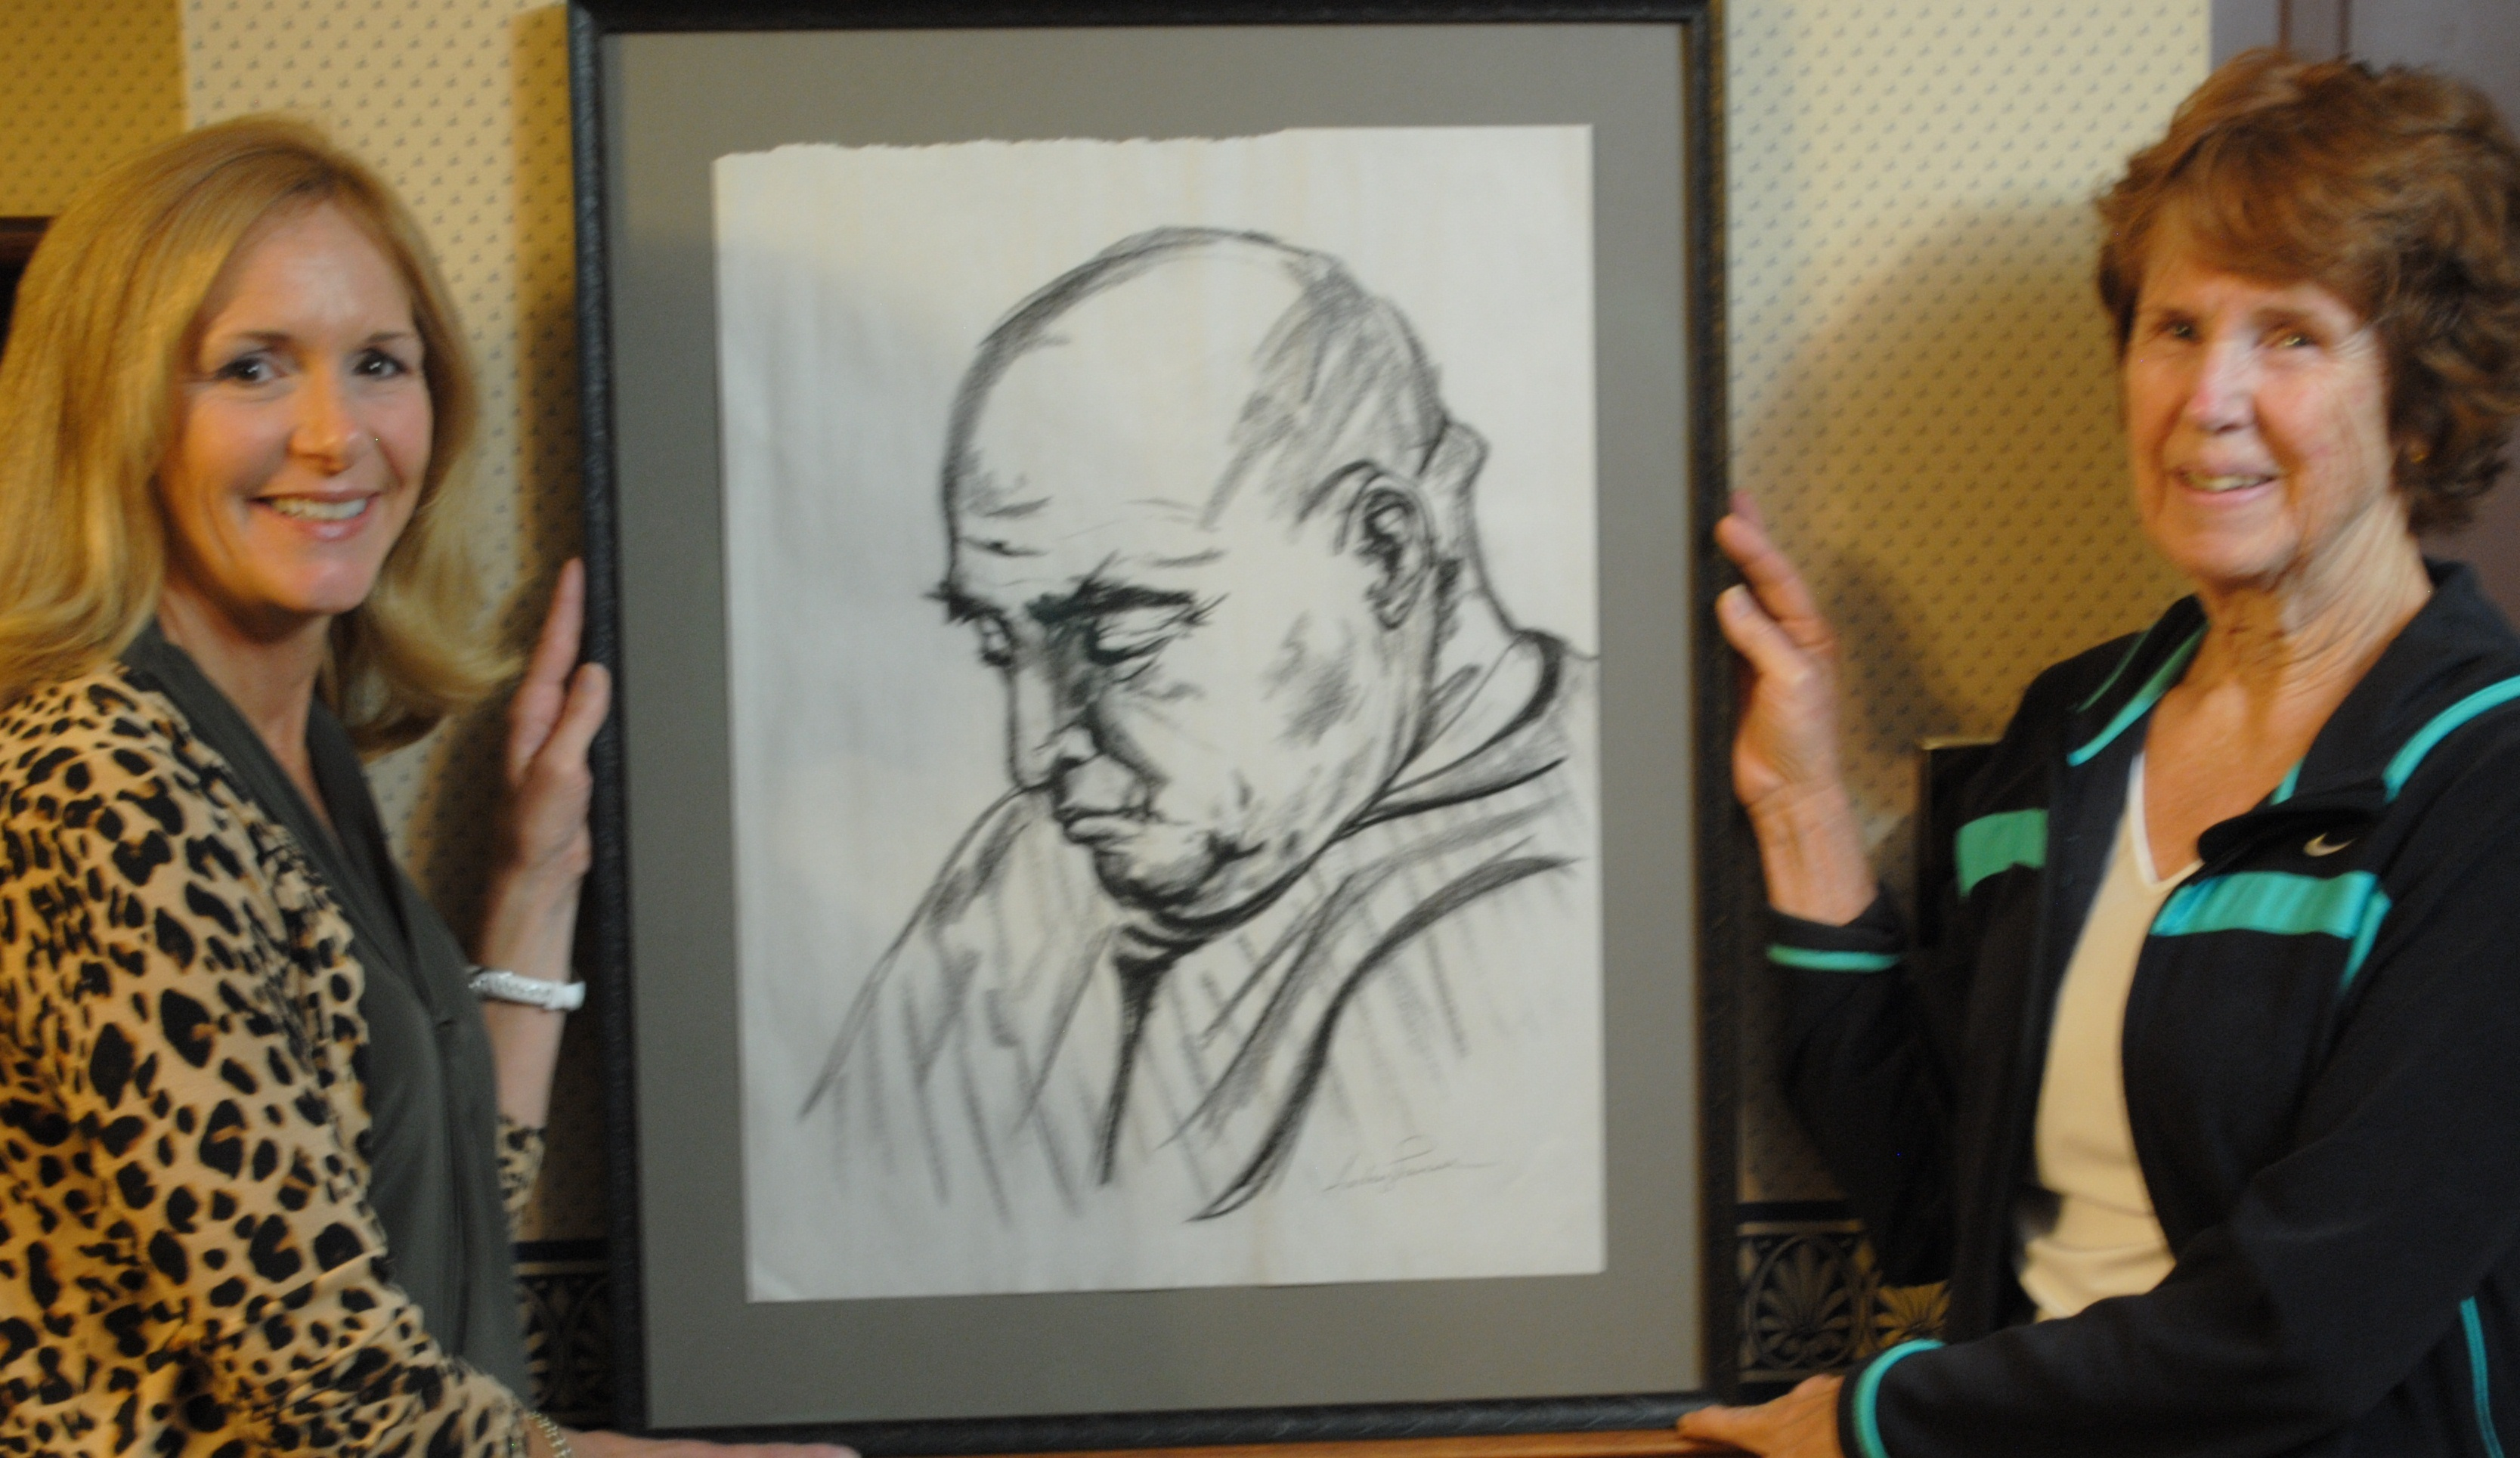 fc4bea414e7cc144c749_art_auction_picture1.jpg